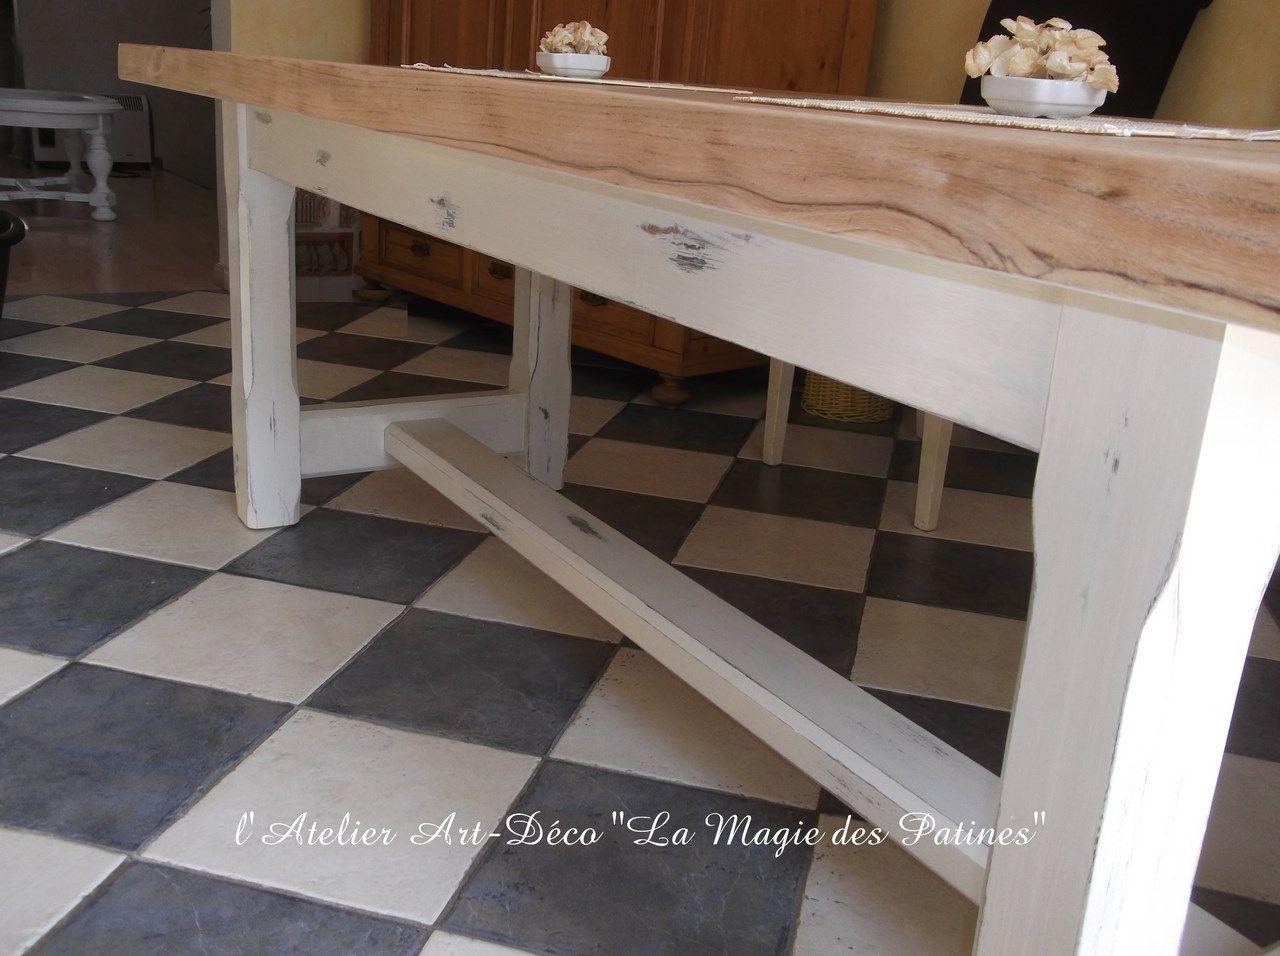 Table Cuisine Campagne Chic Blanc Et Bois 5 Meubles Relook S  # Bahut Vieilli Blanc But